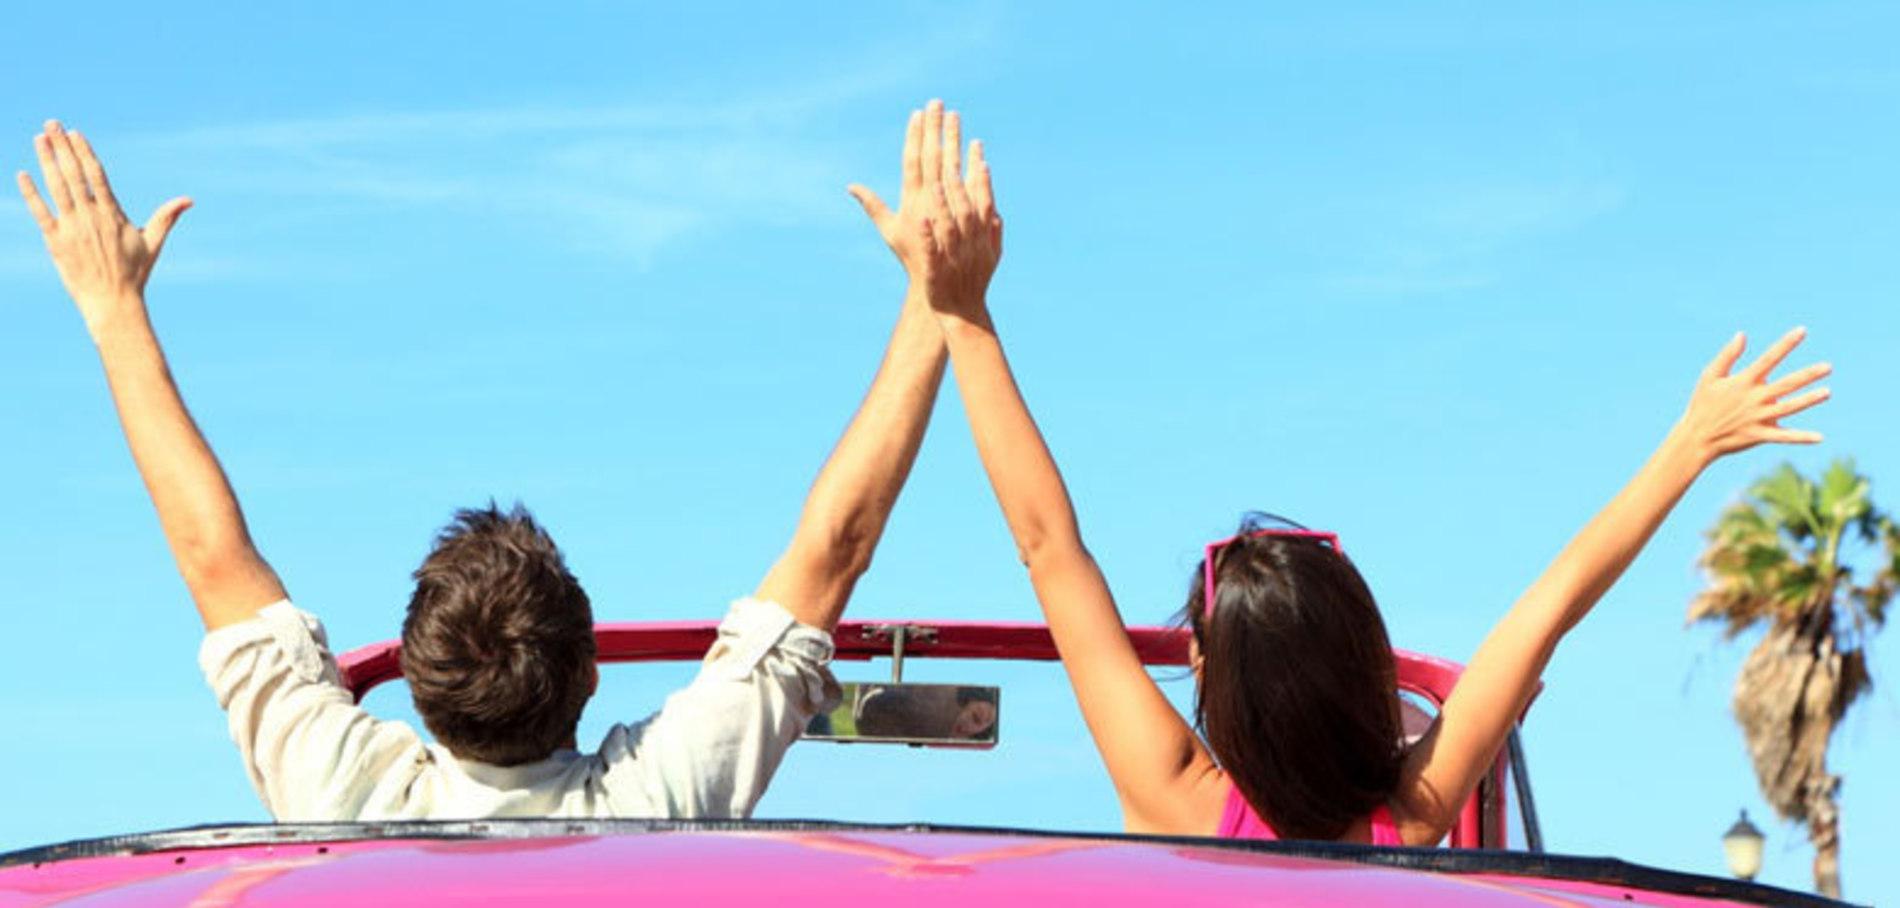 Les-do-et-don-t-lors-d-un-premier-voyage-en-couple_exact1900x908_l (1)